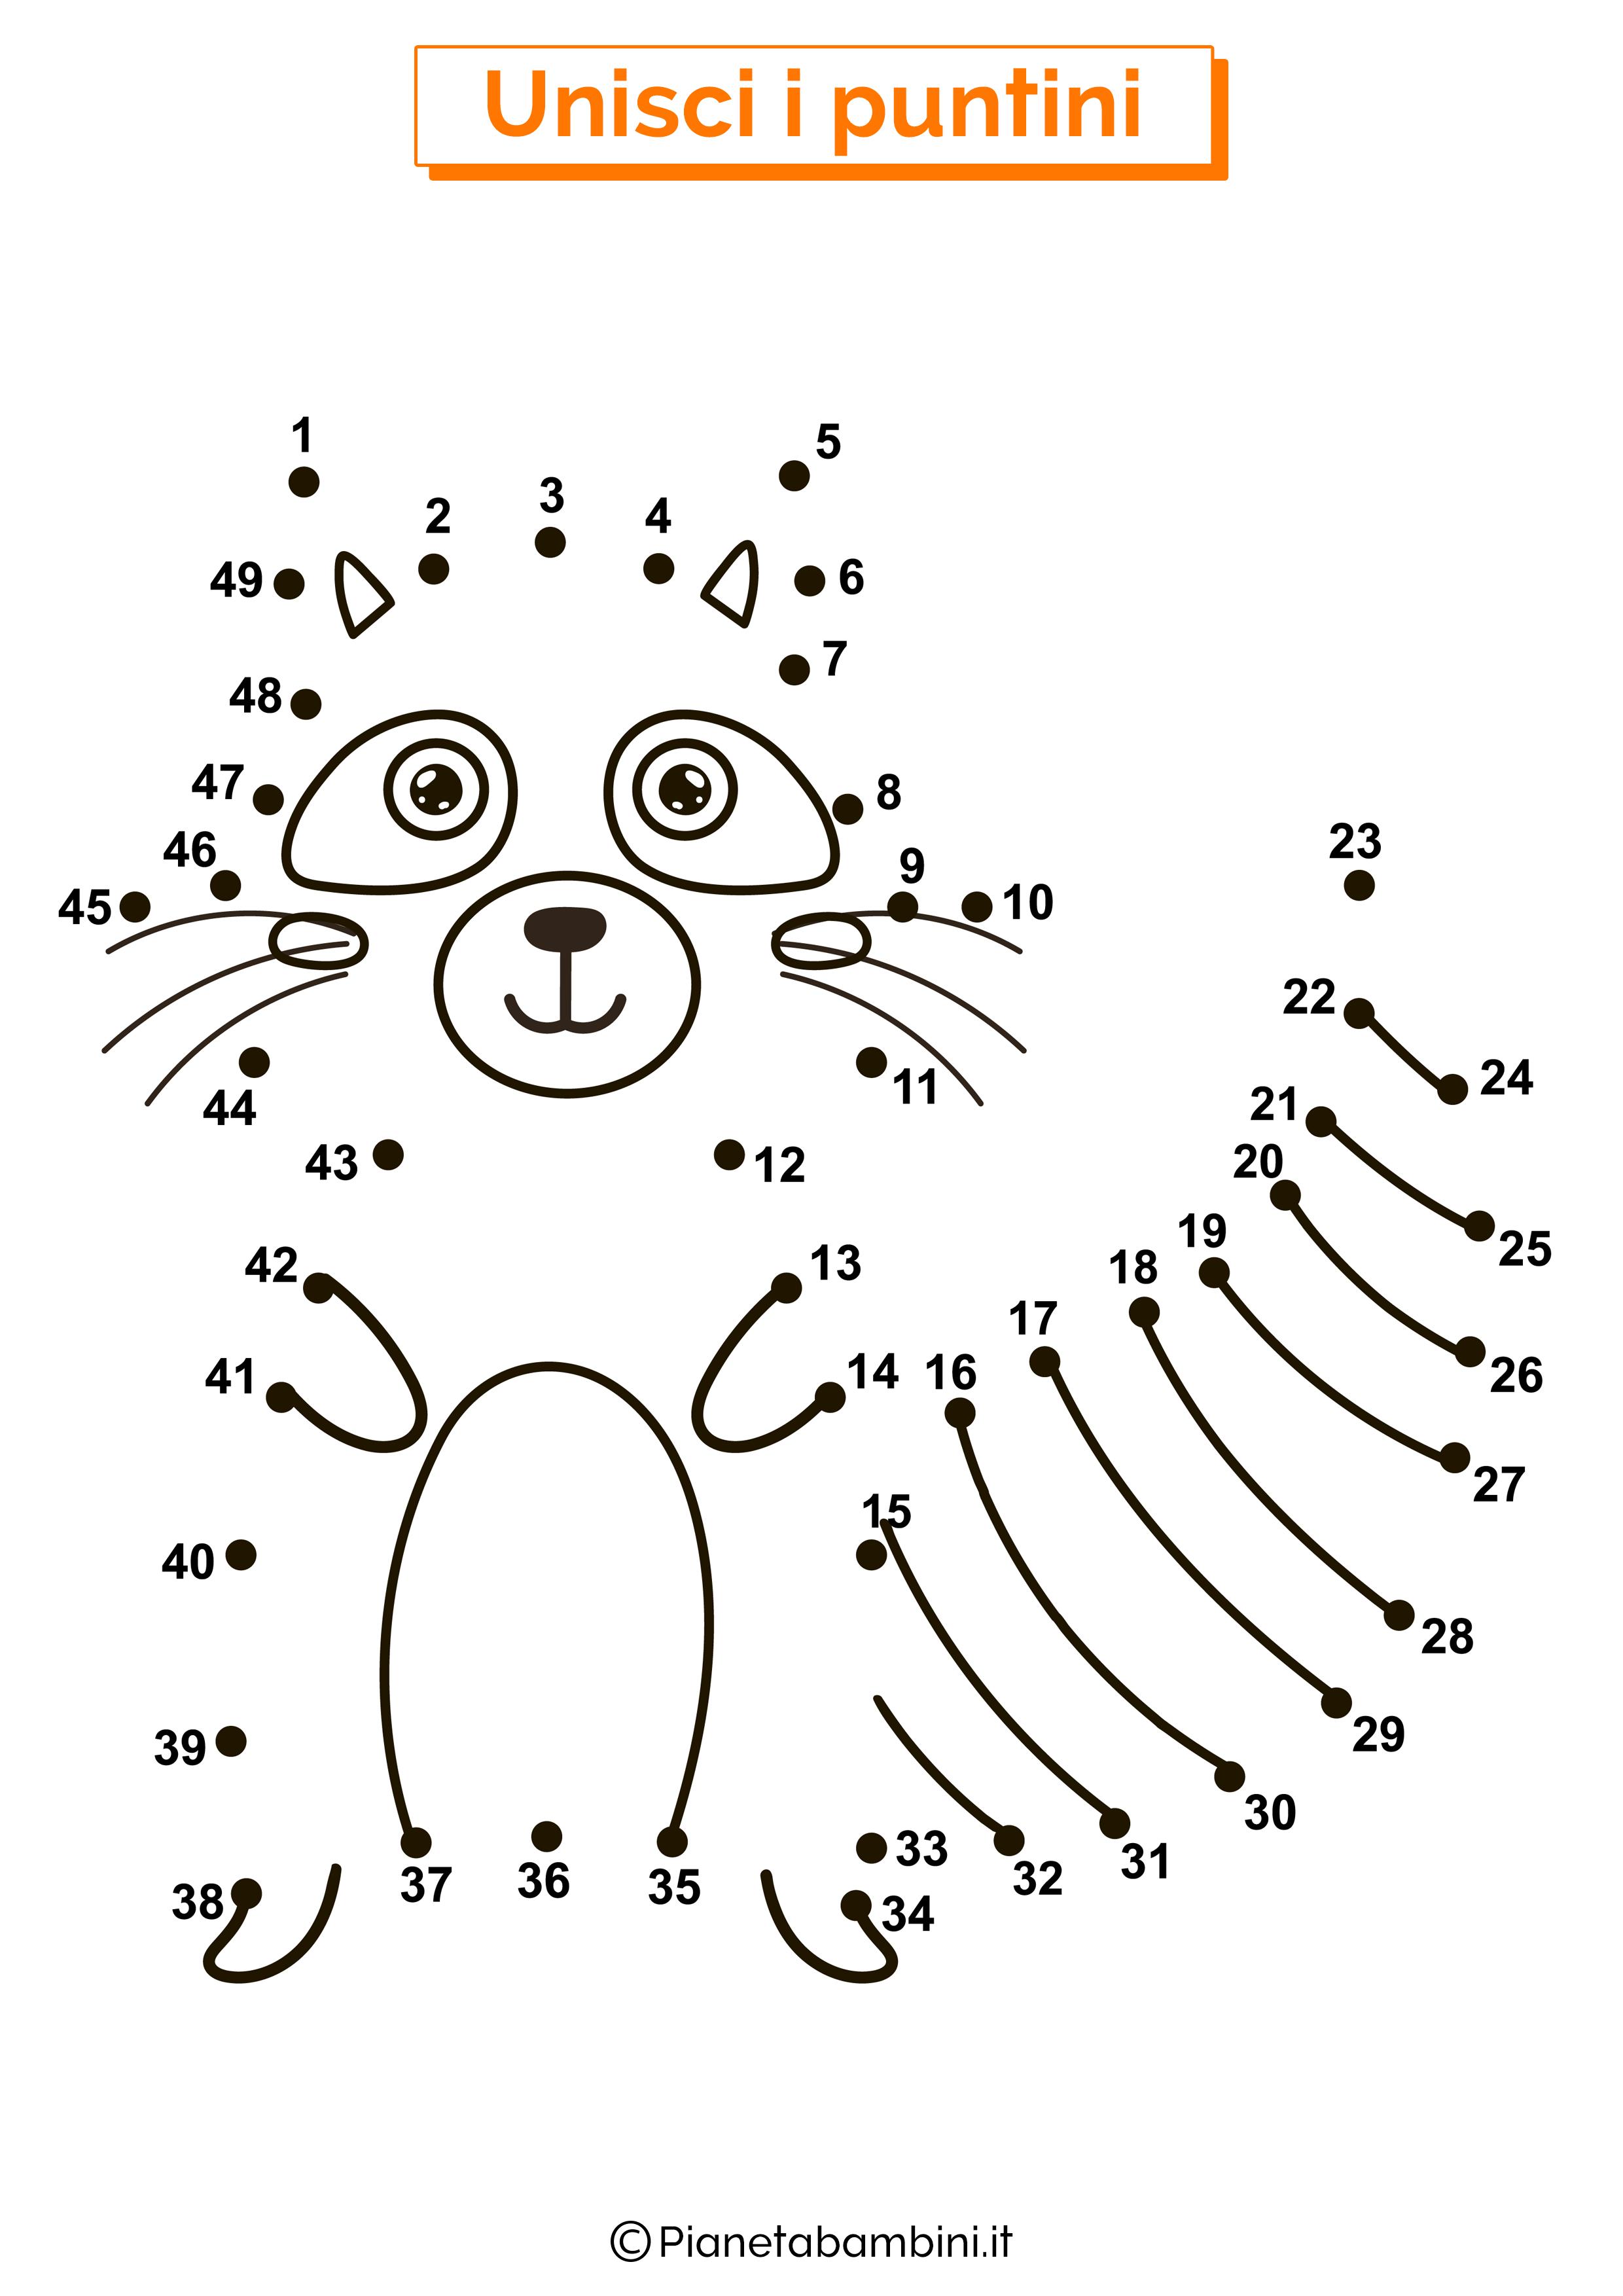 Disegno unisci i puntini da 1 a 50 procione